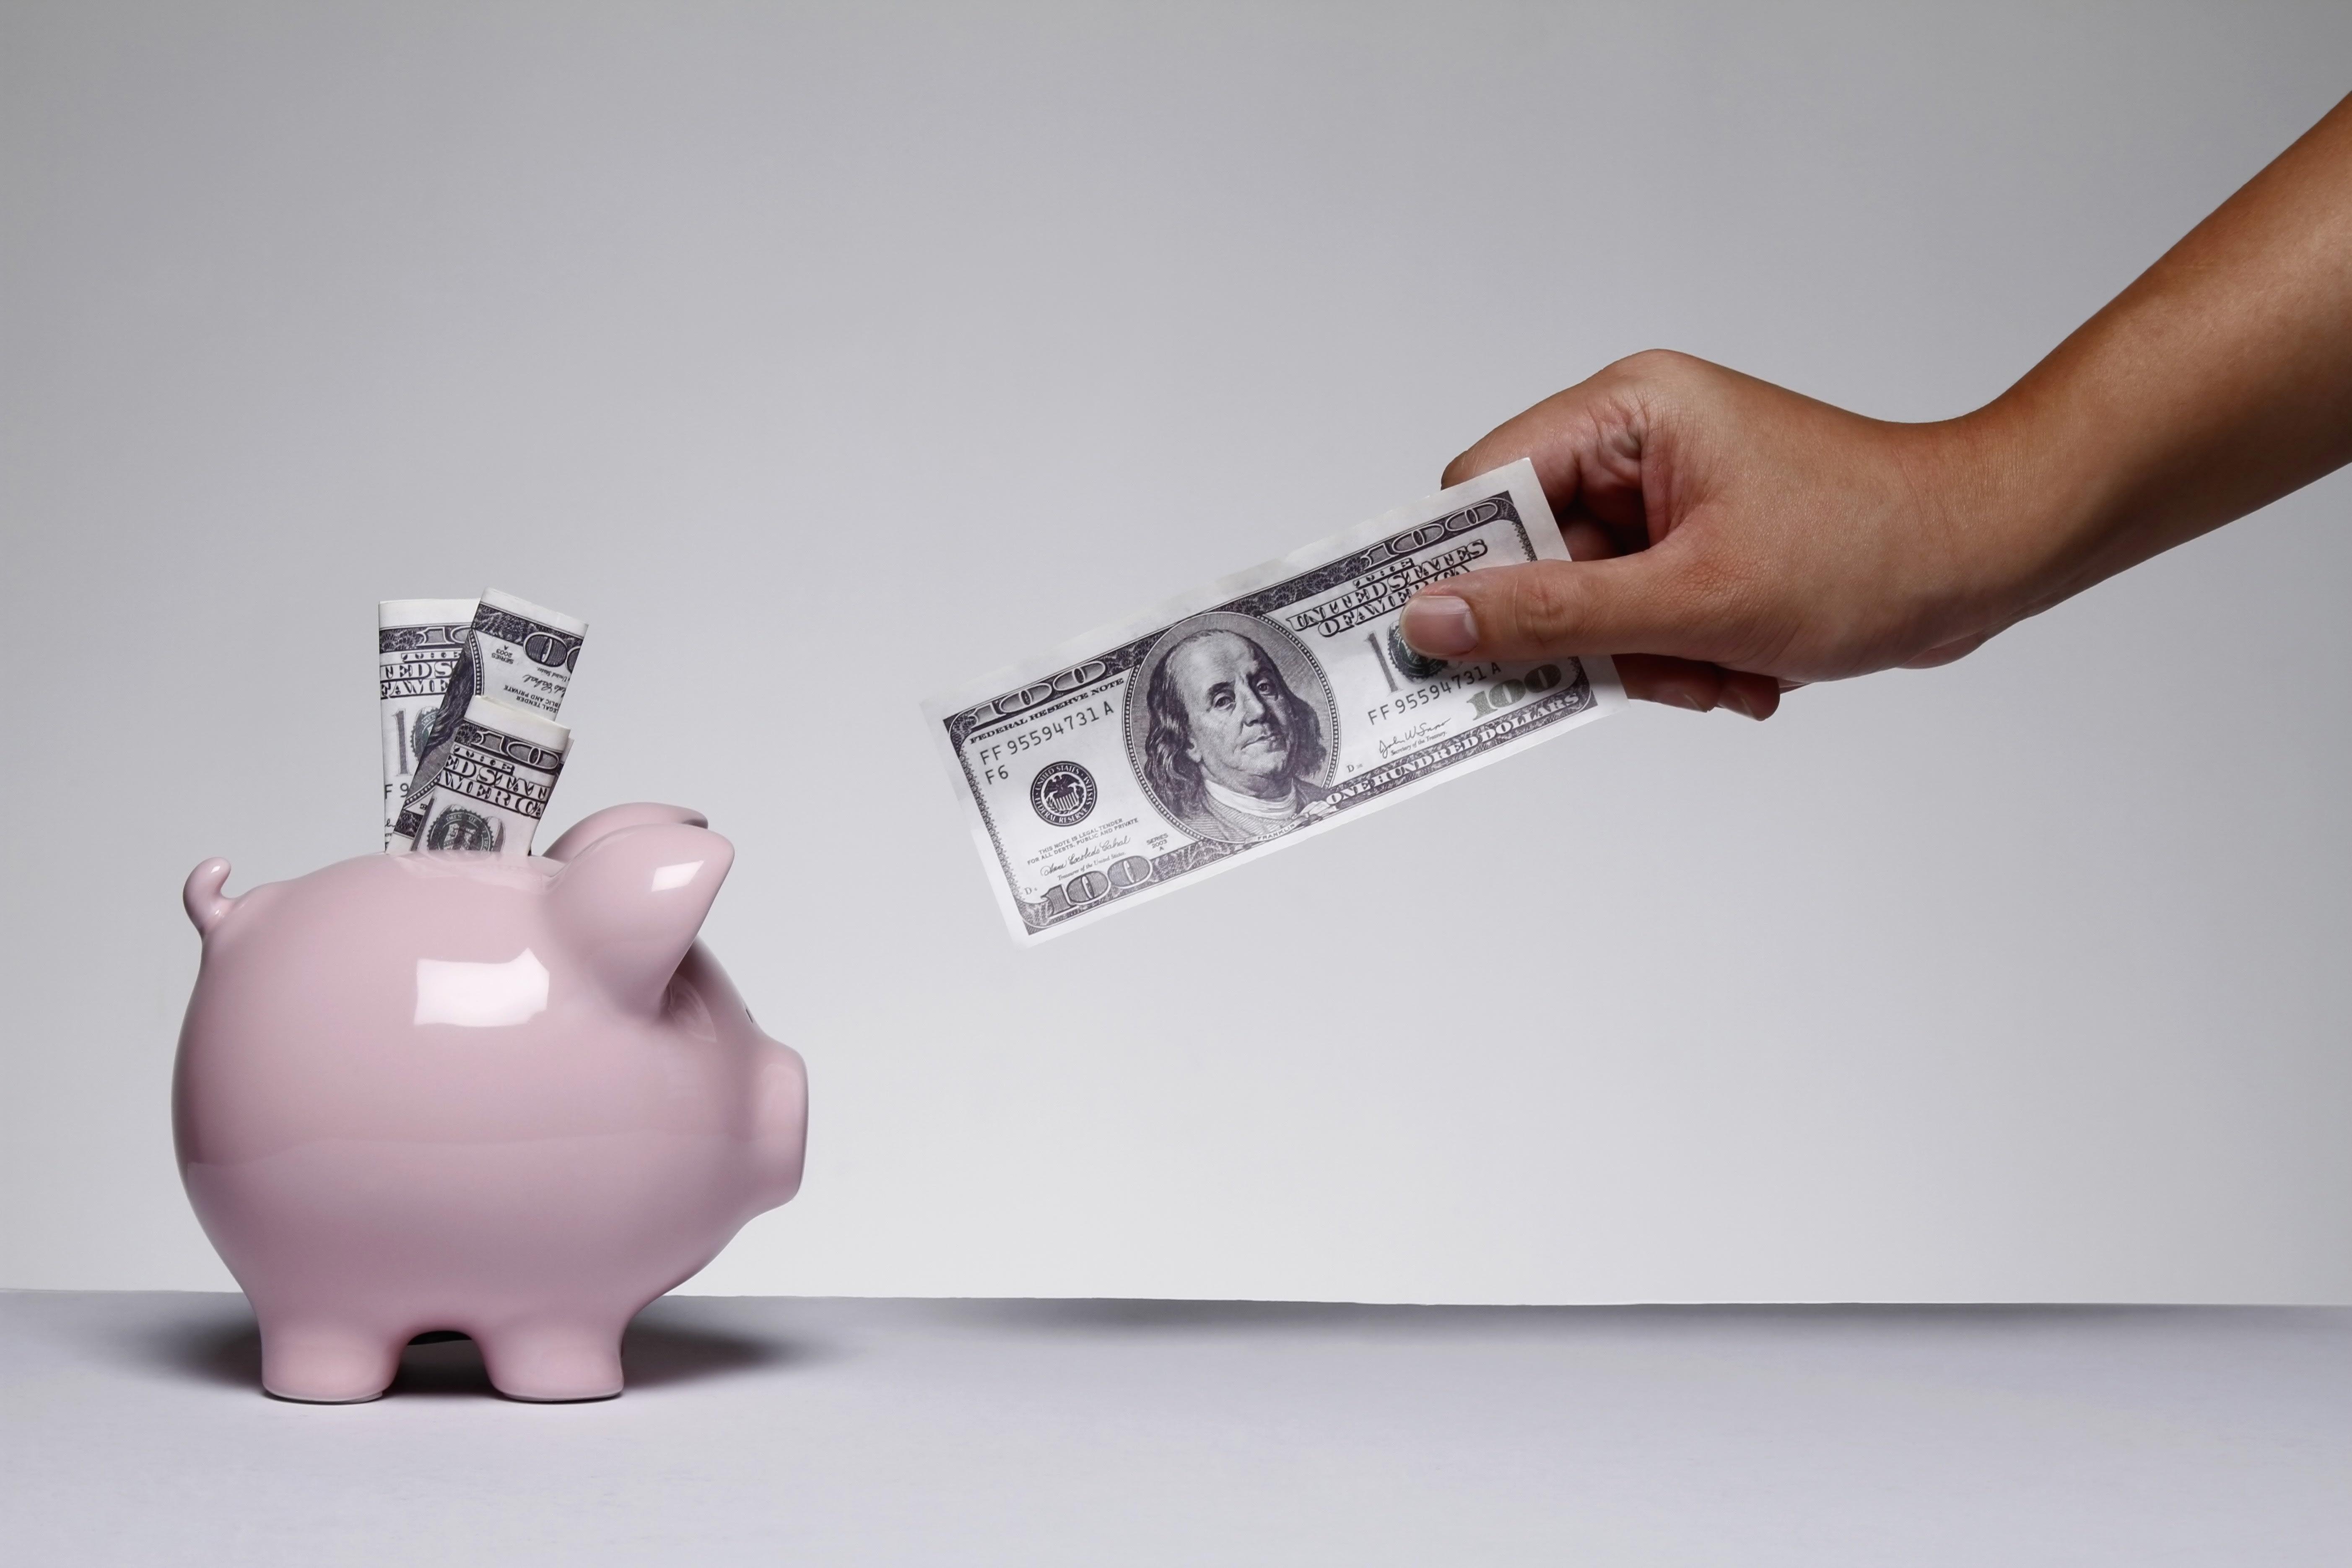 ¡Ahorrar en Navidad sin ahogar mi presupuesto!